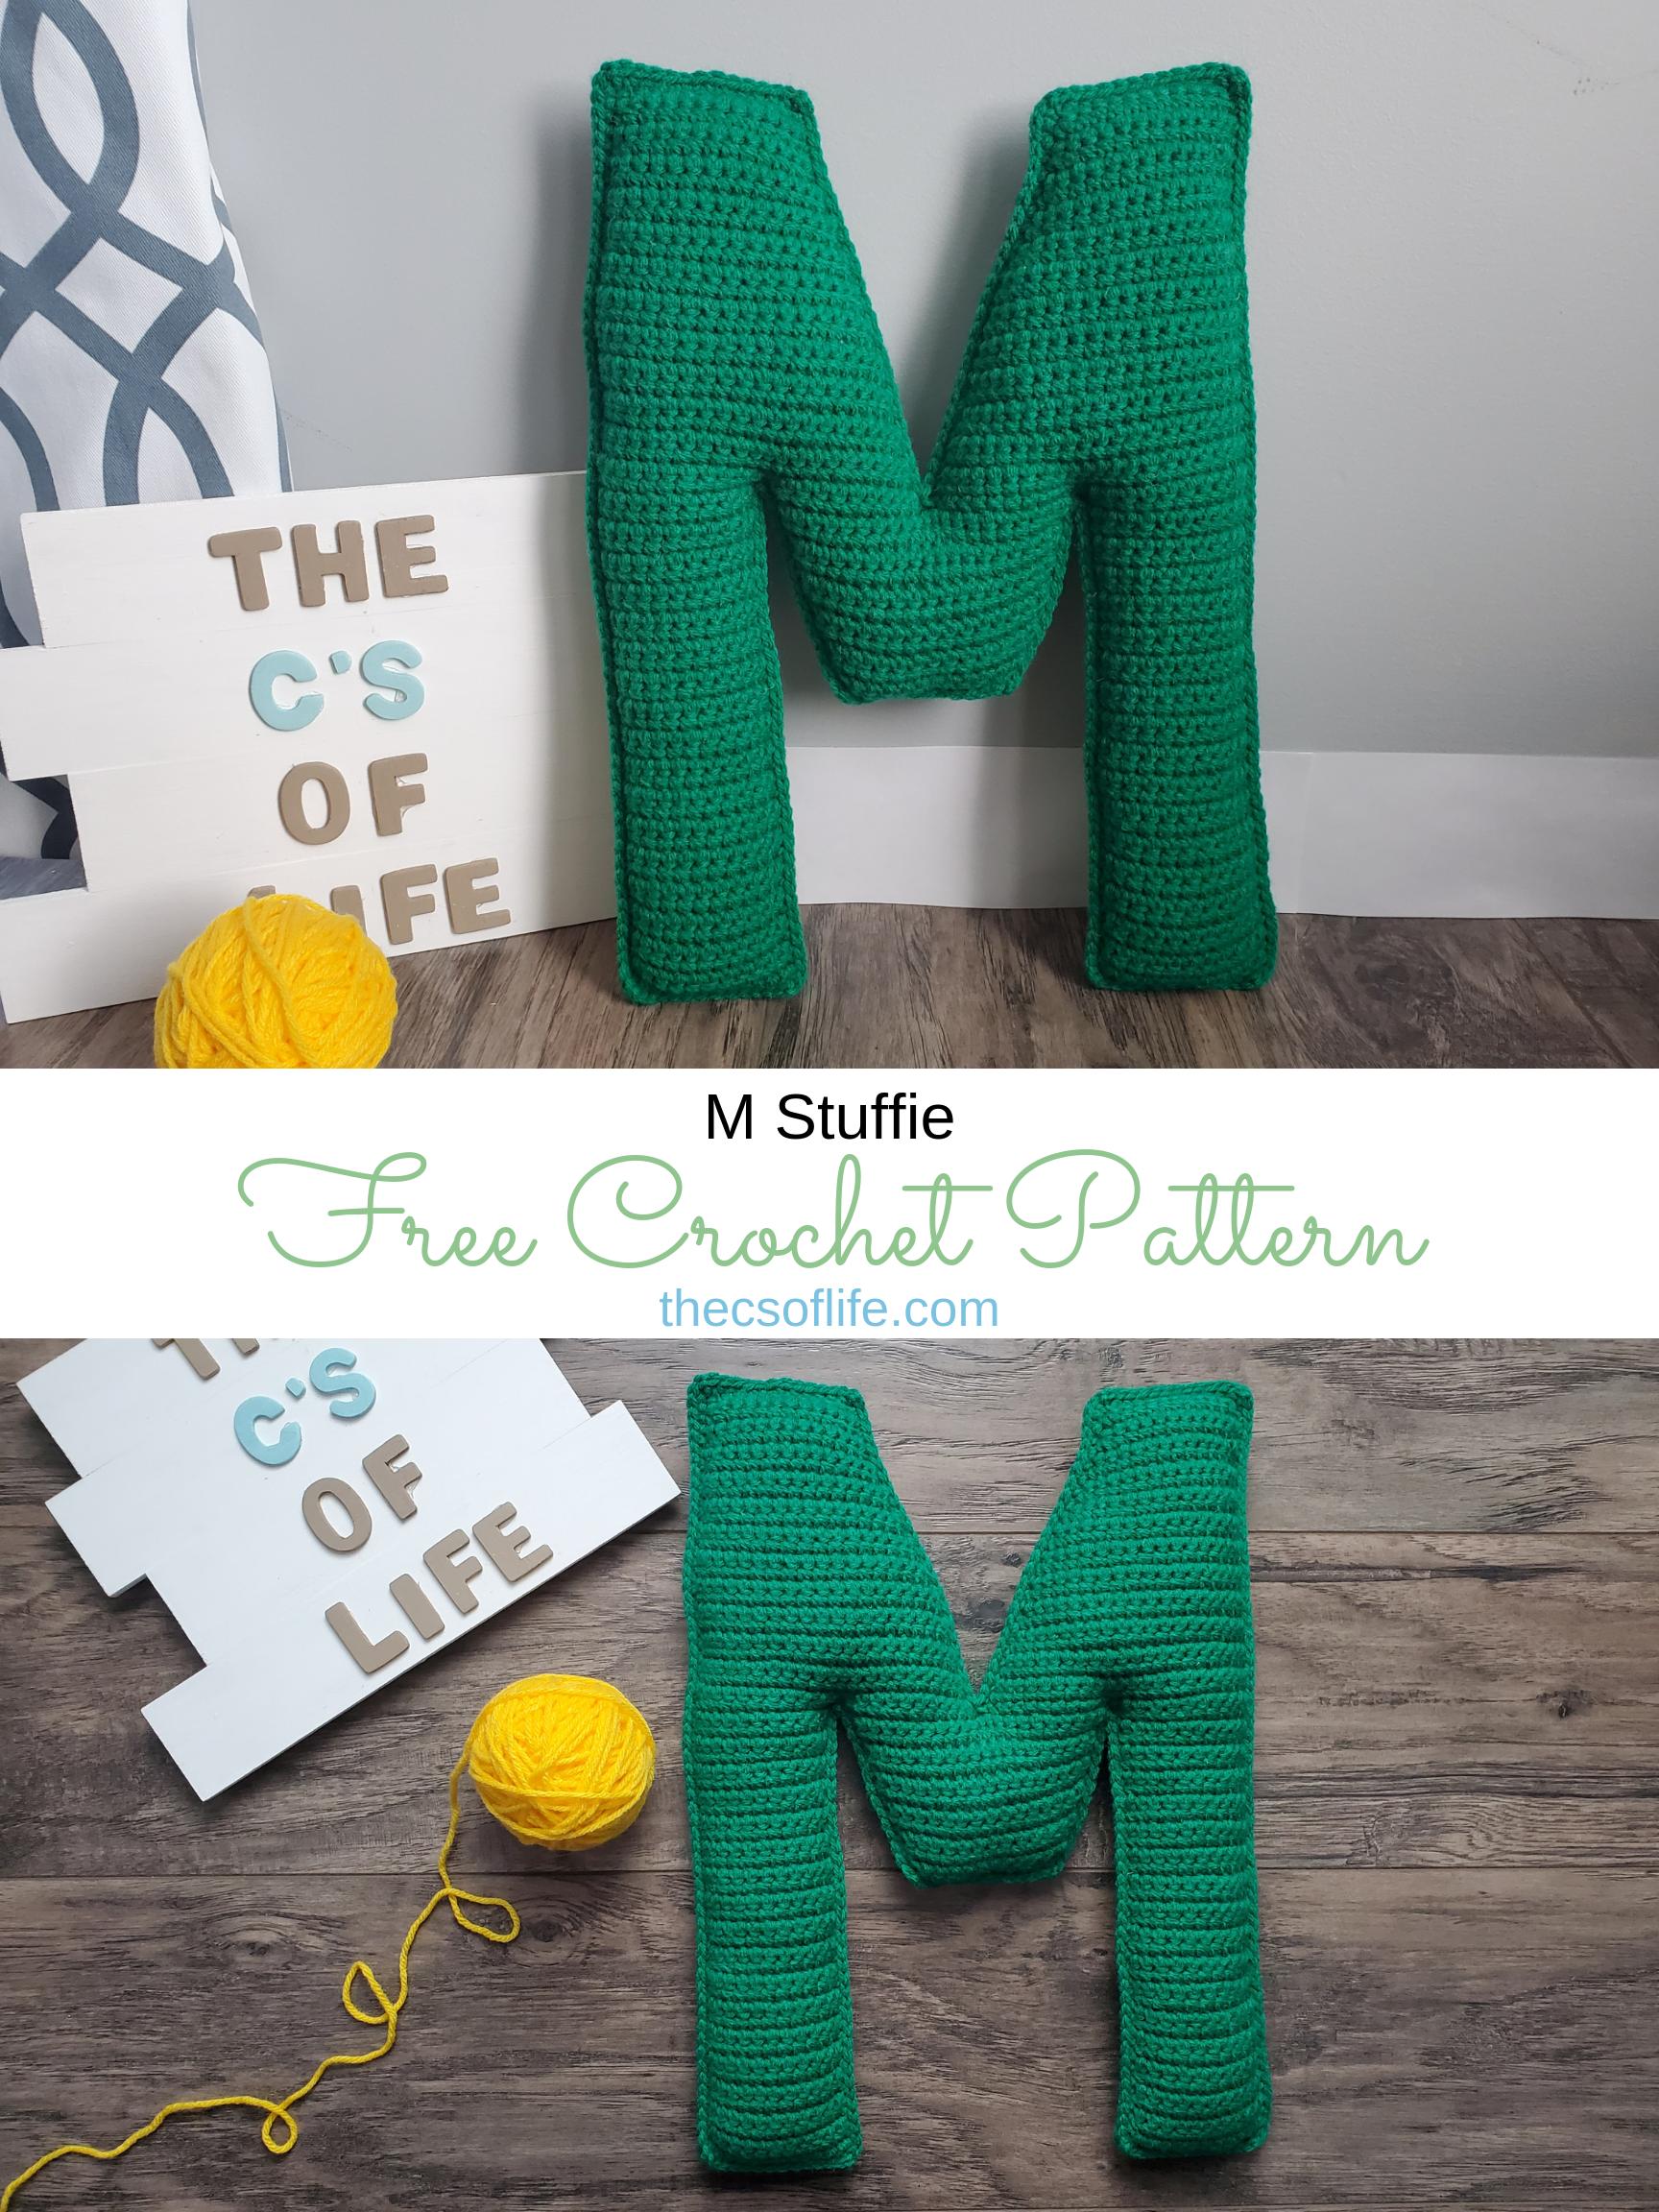 M Stuffie - Free Crochet Pattern